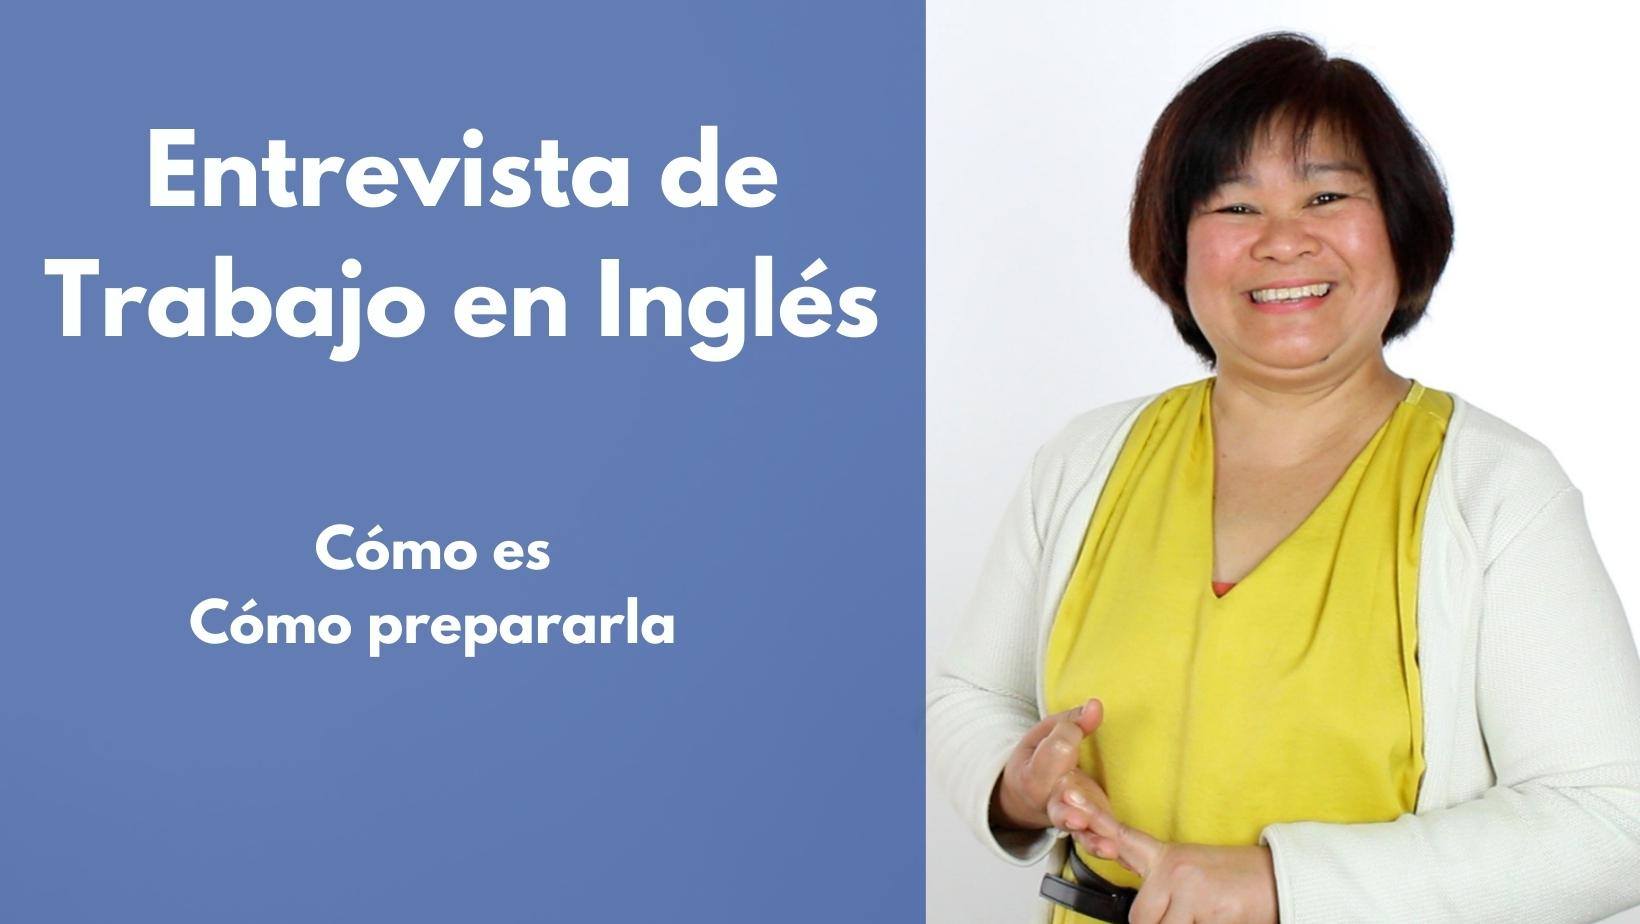 Entrevista de trabajo en ingles